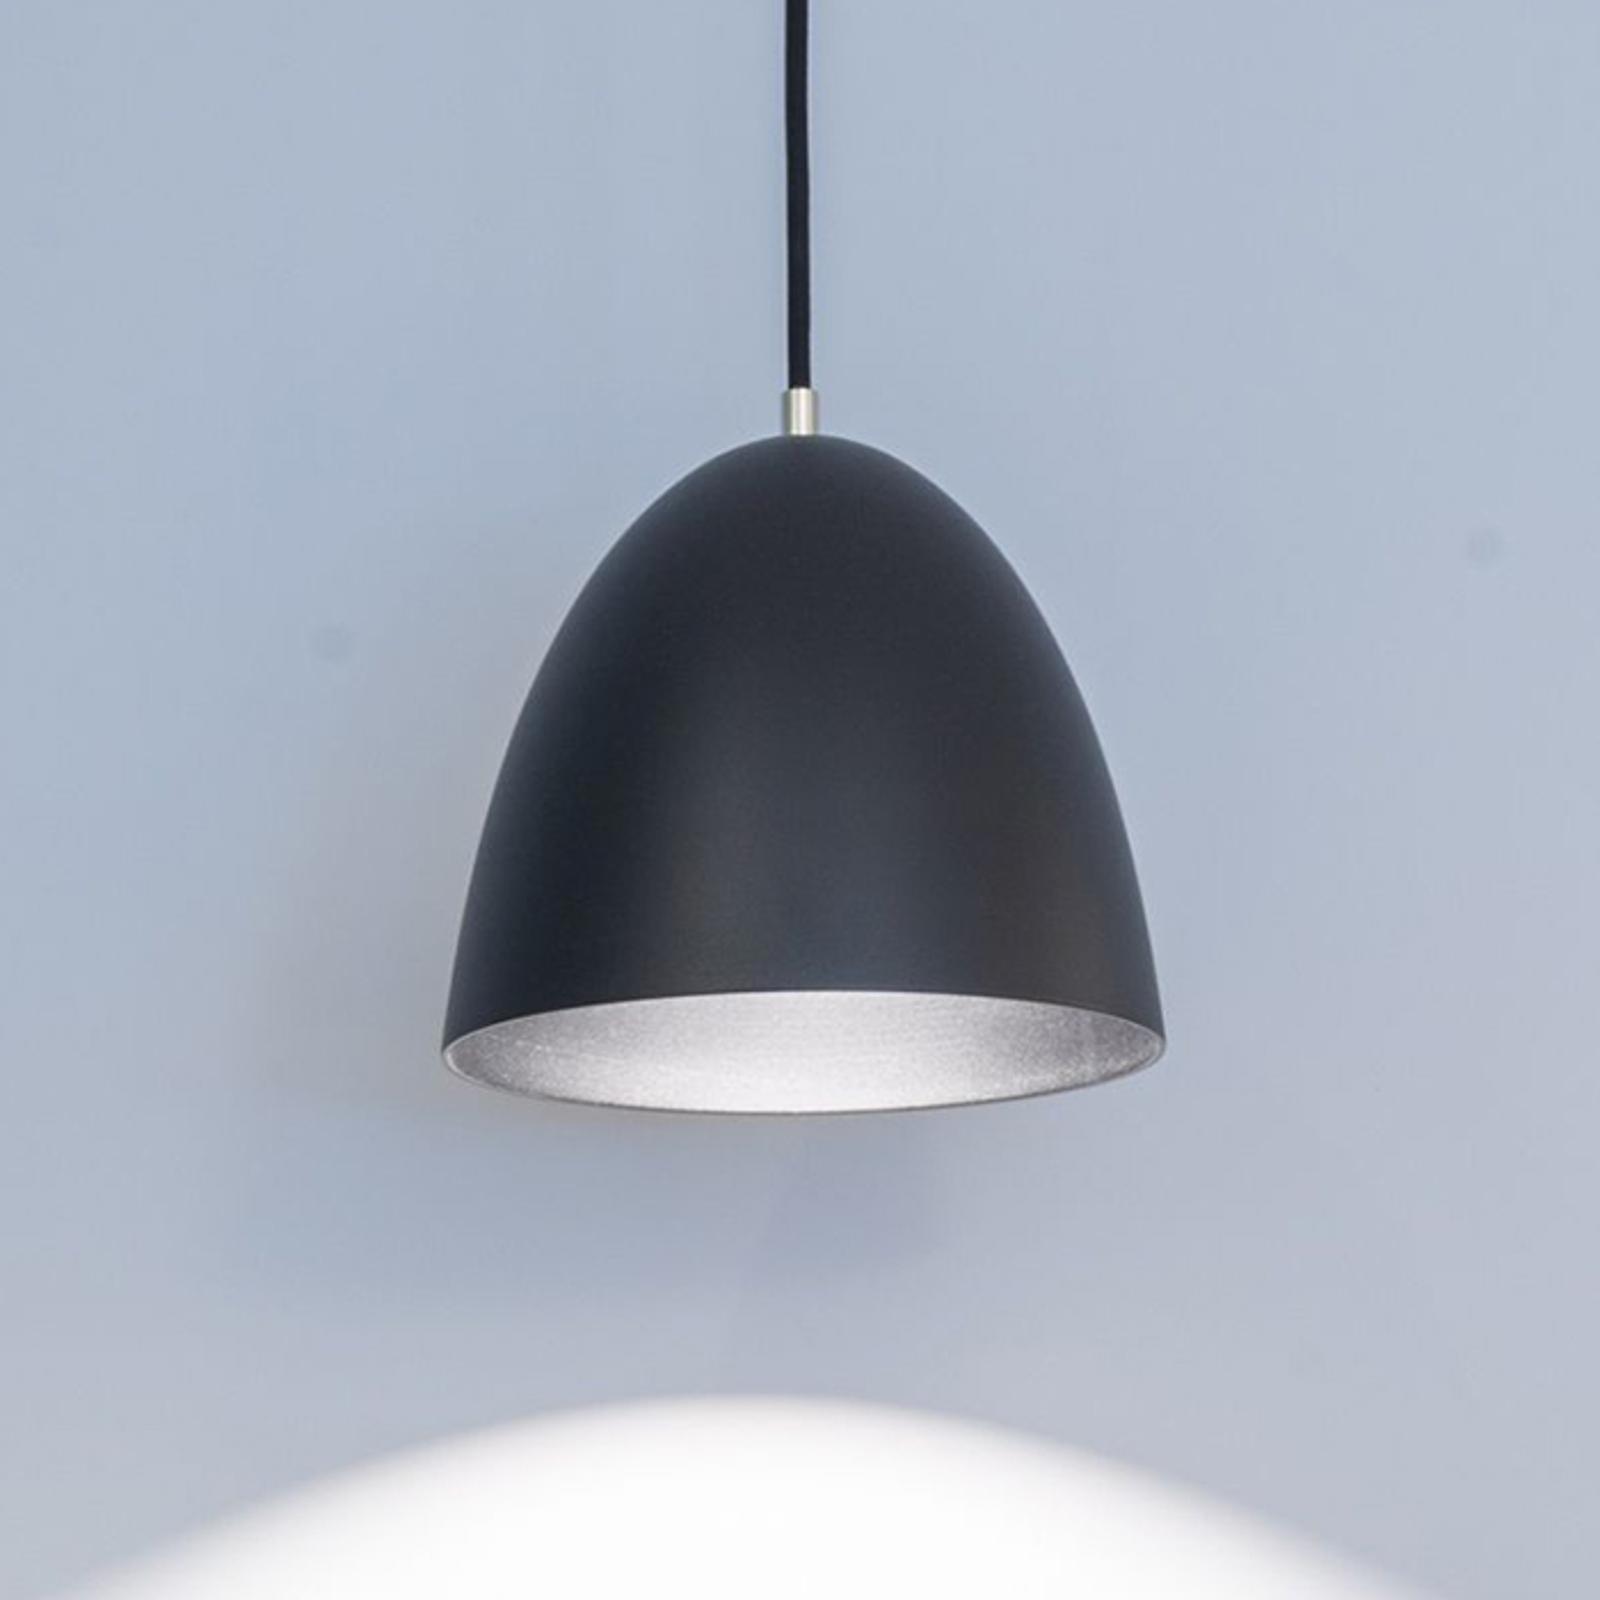 LED hanglamp Eas, Ø 24 cm, 3.000 K, zwart